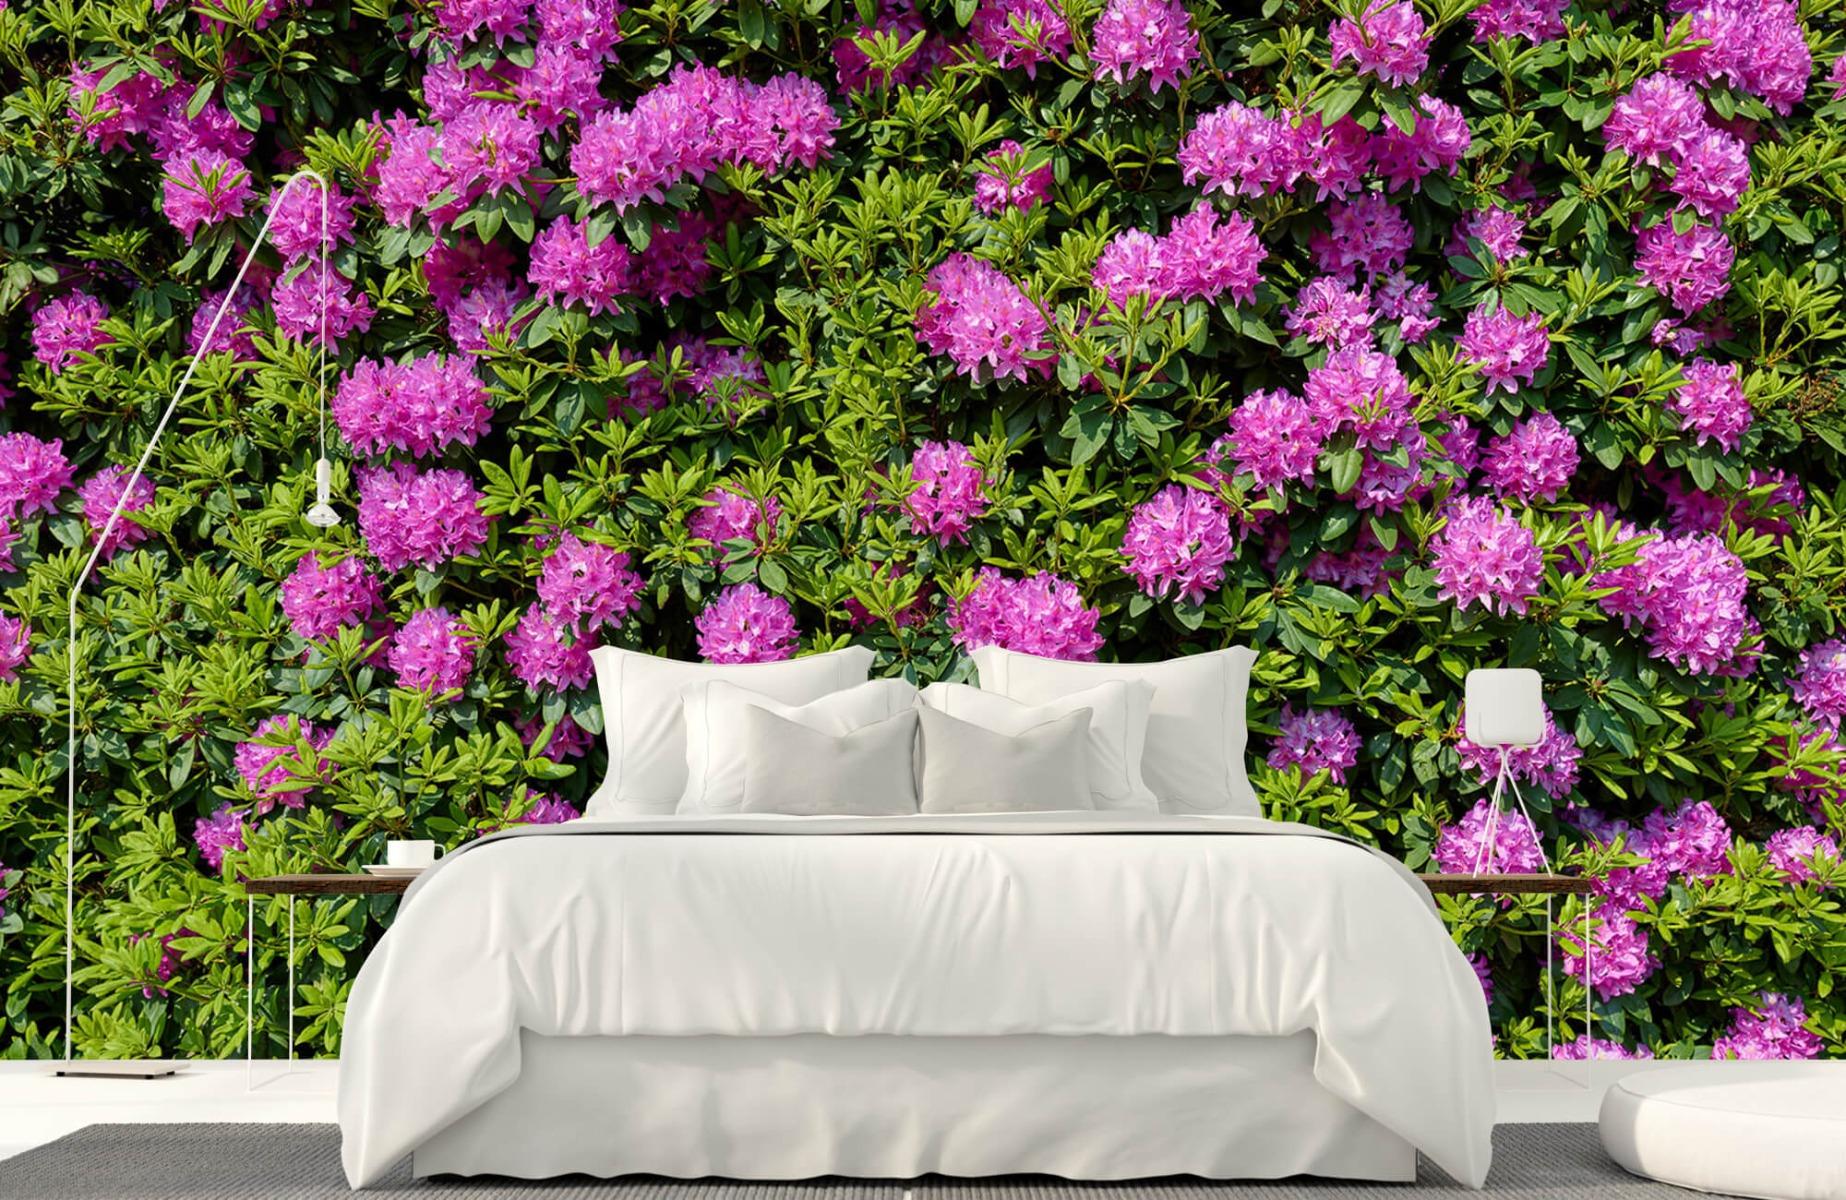 Bloemenvelden - Grote muur van rododendrons - Wallexclusive - Woonkamer 17